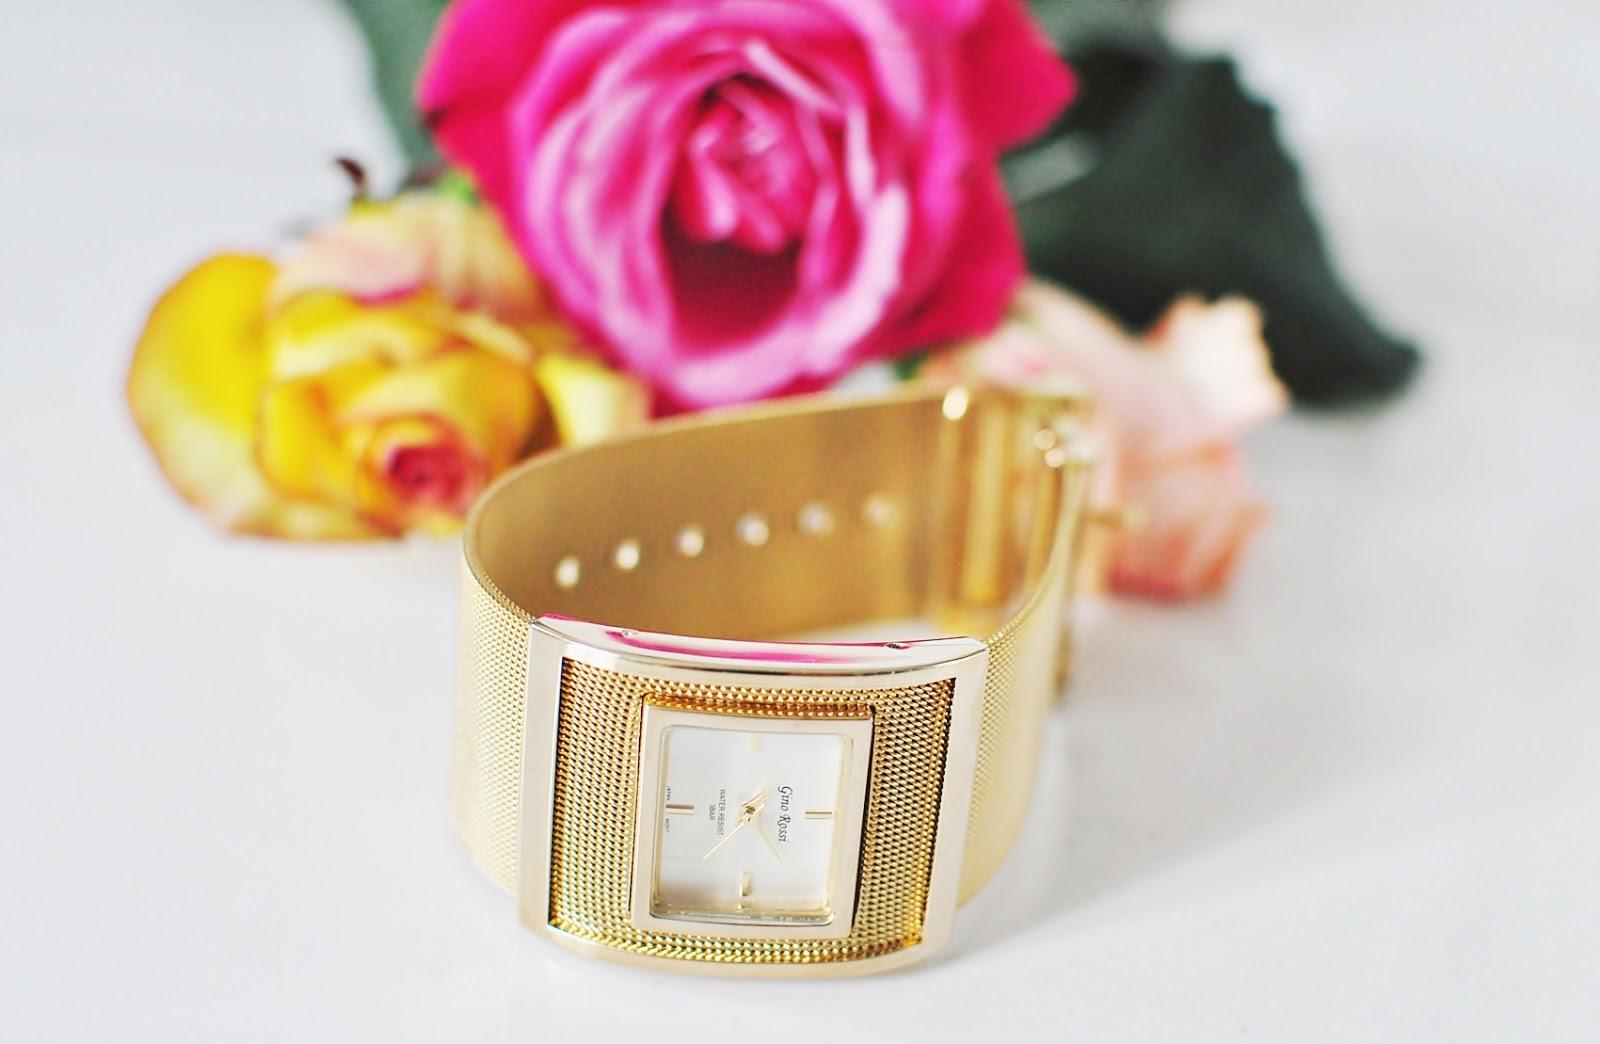 zegarek_gino-rossi_złoty